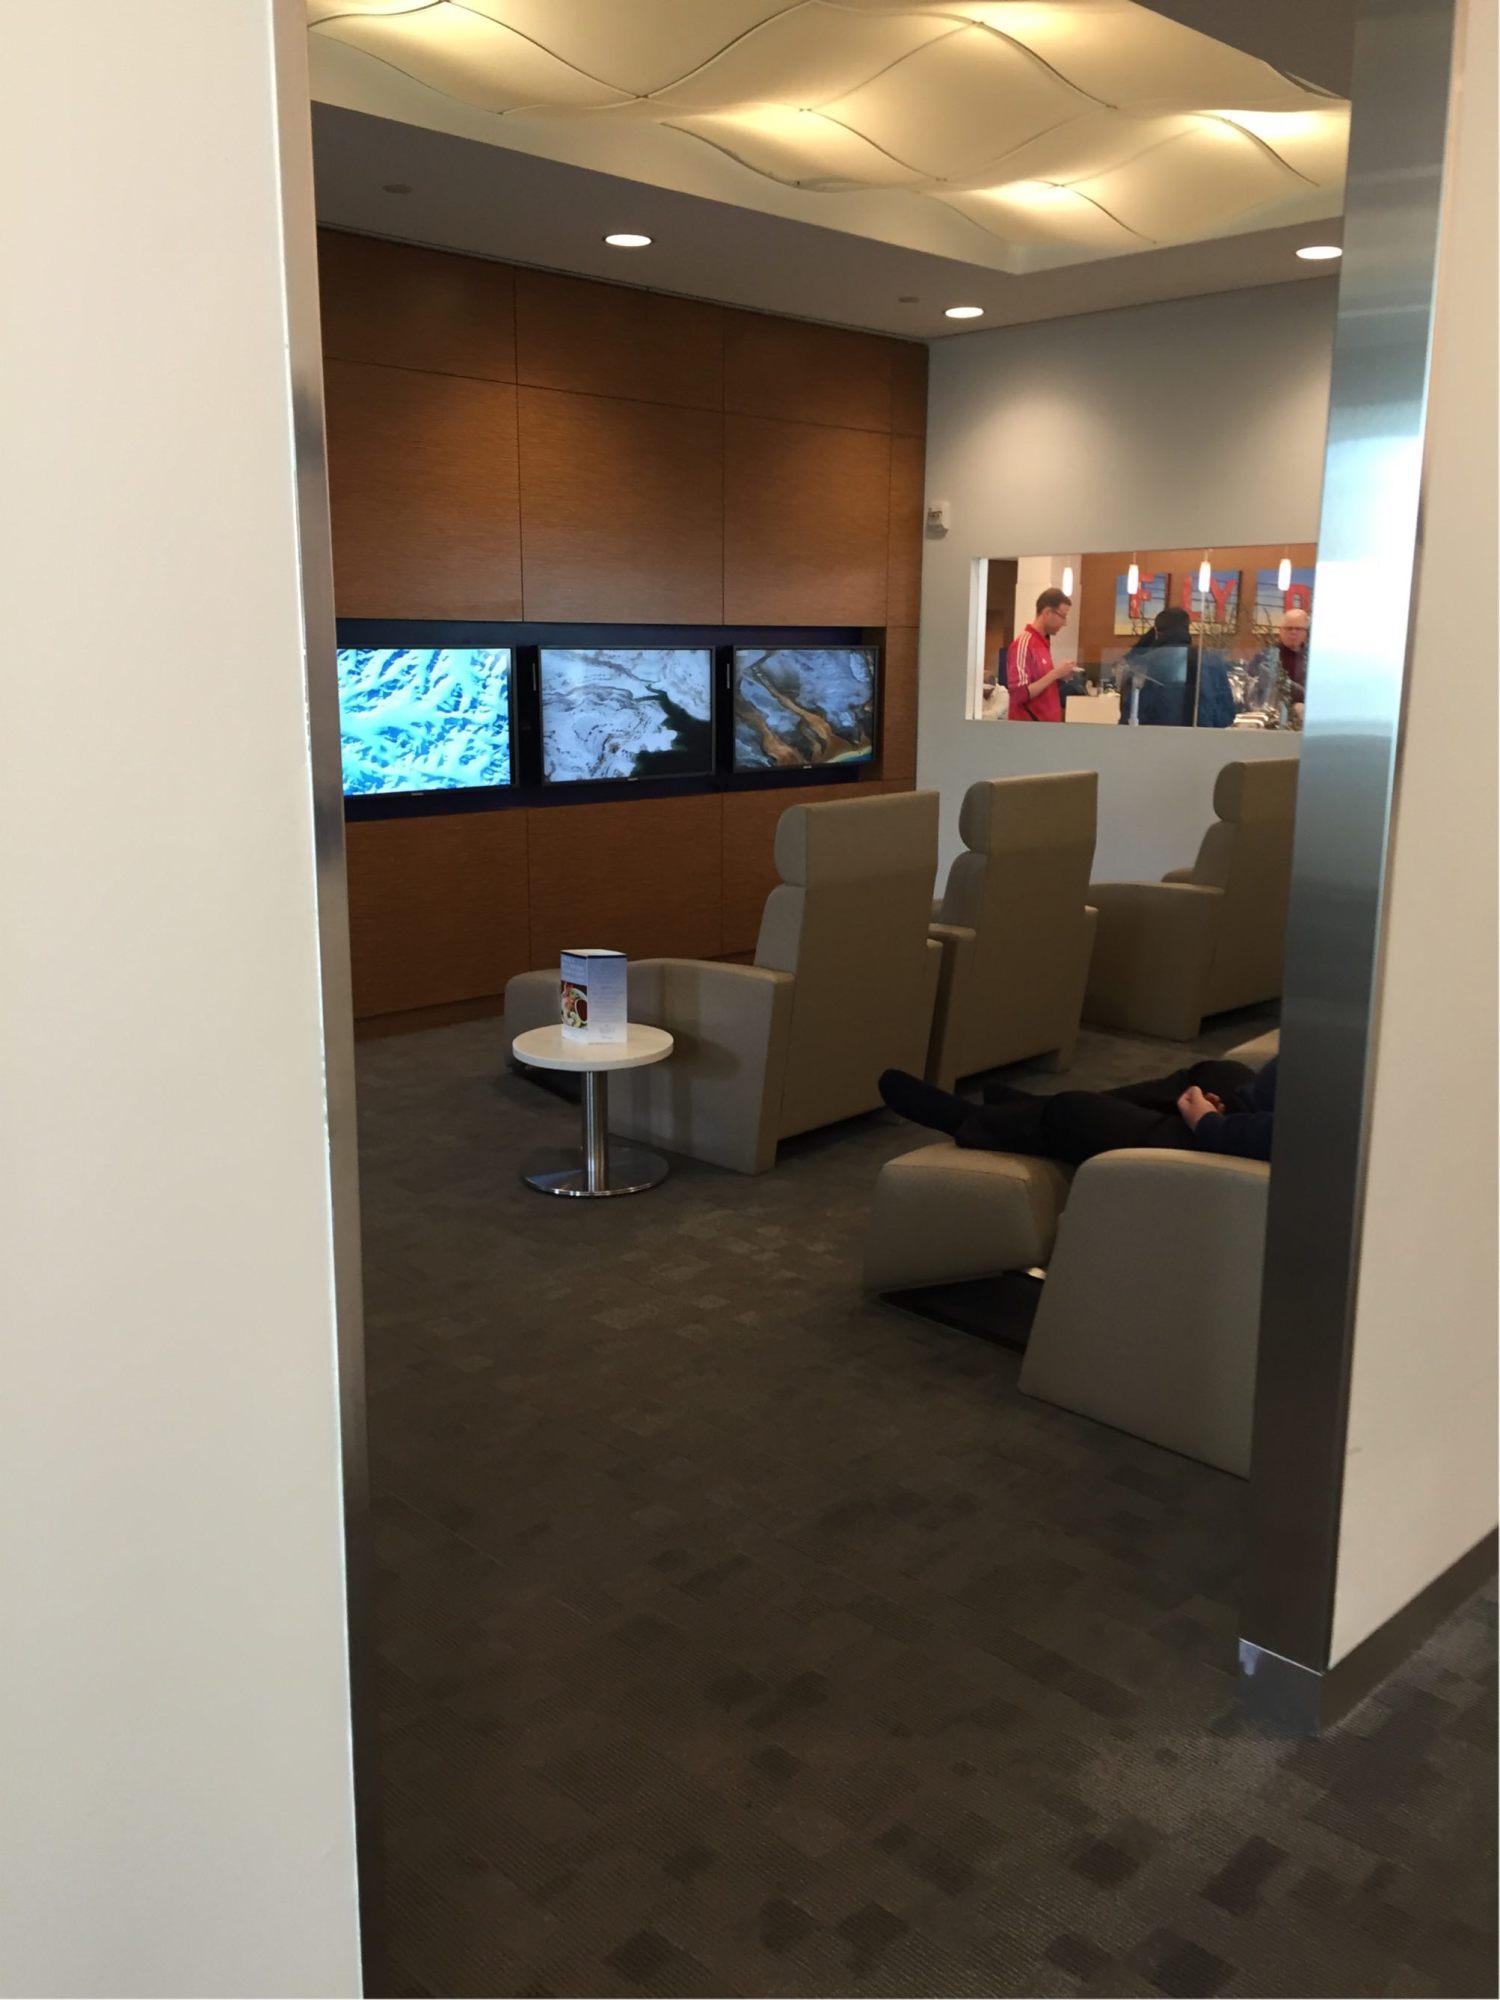 Jfk Delta Air Lines Delta Sky Club Reviews Amp Photos